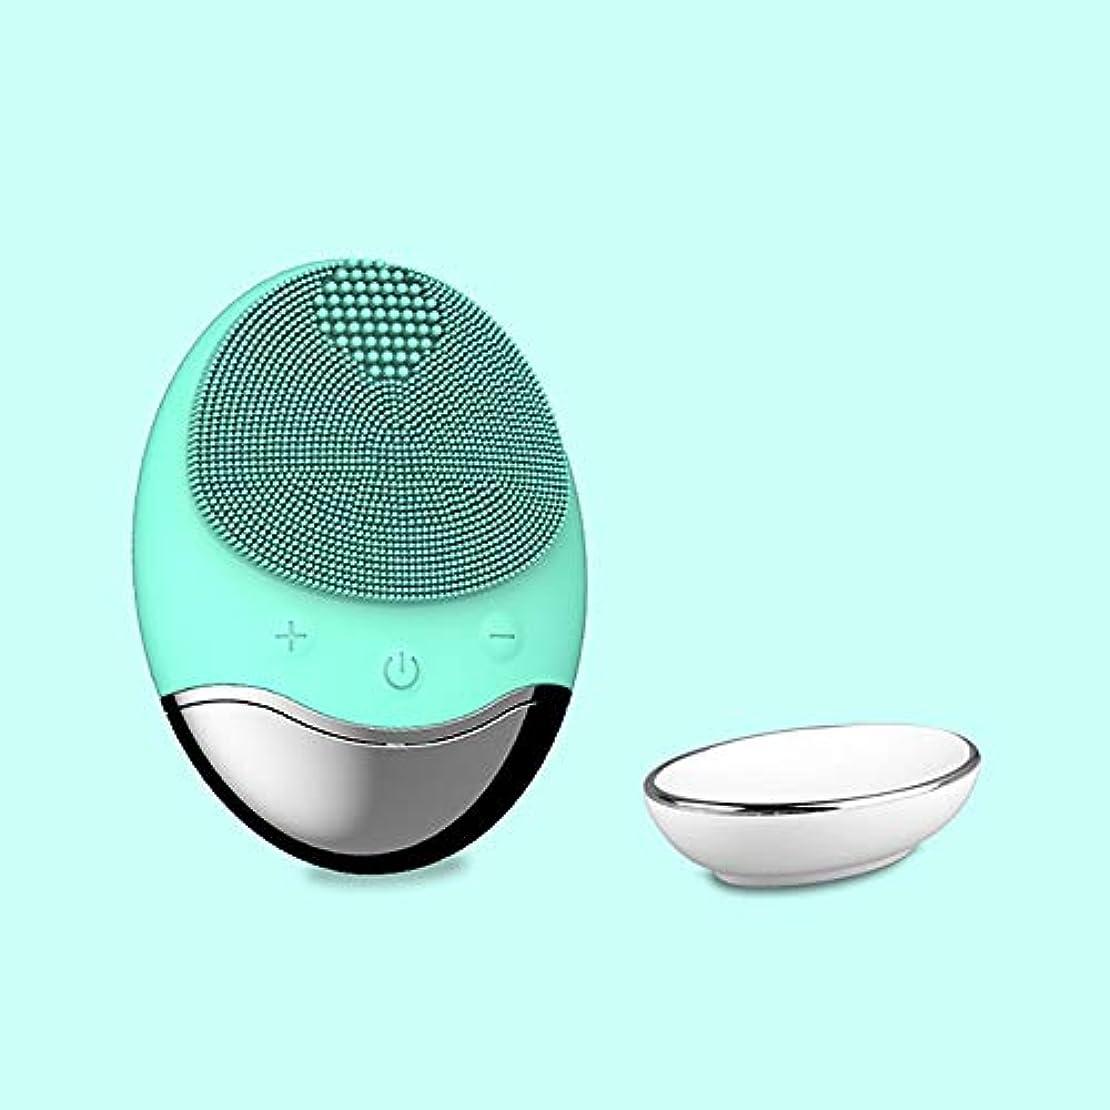 あいにく言う相互接続ZXF 新しいアップグレードワイヤレス充電電気家庭用竹炭シリコーン防水超音波洗浄毛穴洗浄器具洗浄器具輸入器具 滑らかである (色 : Green)